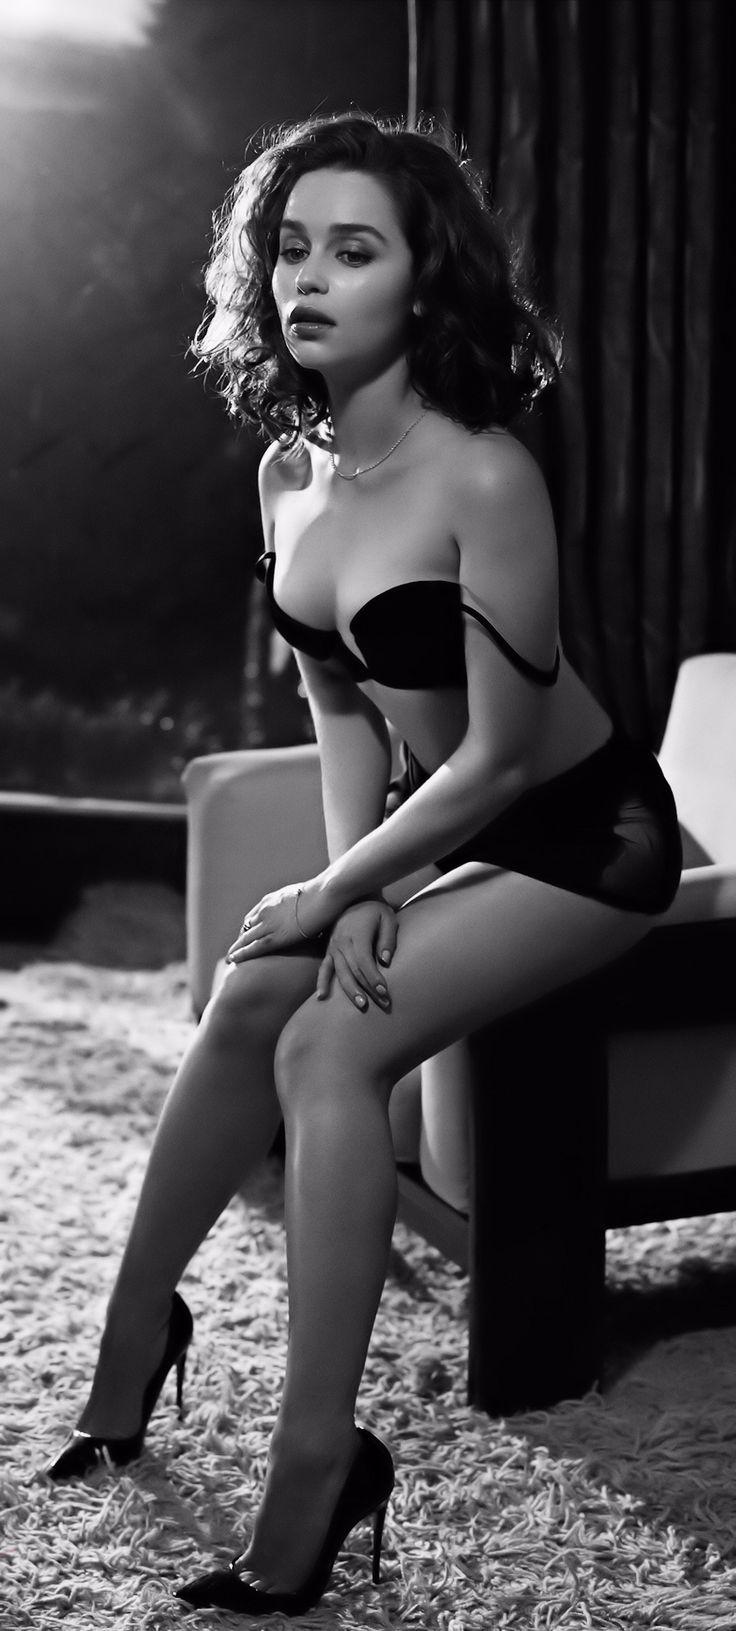 hottest ladies adult videos in jamaica